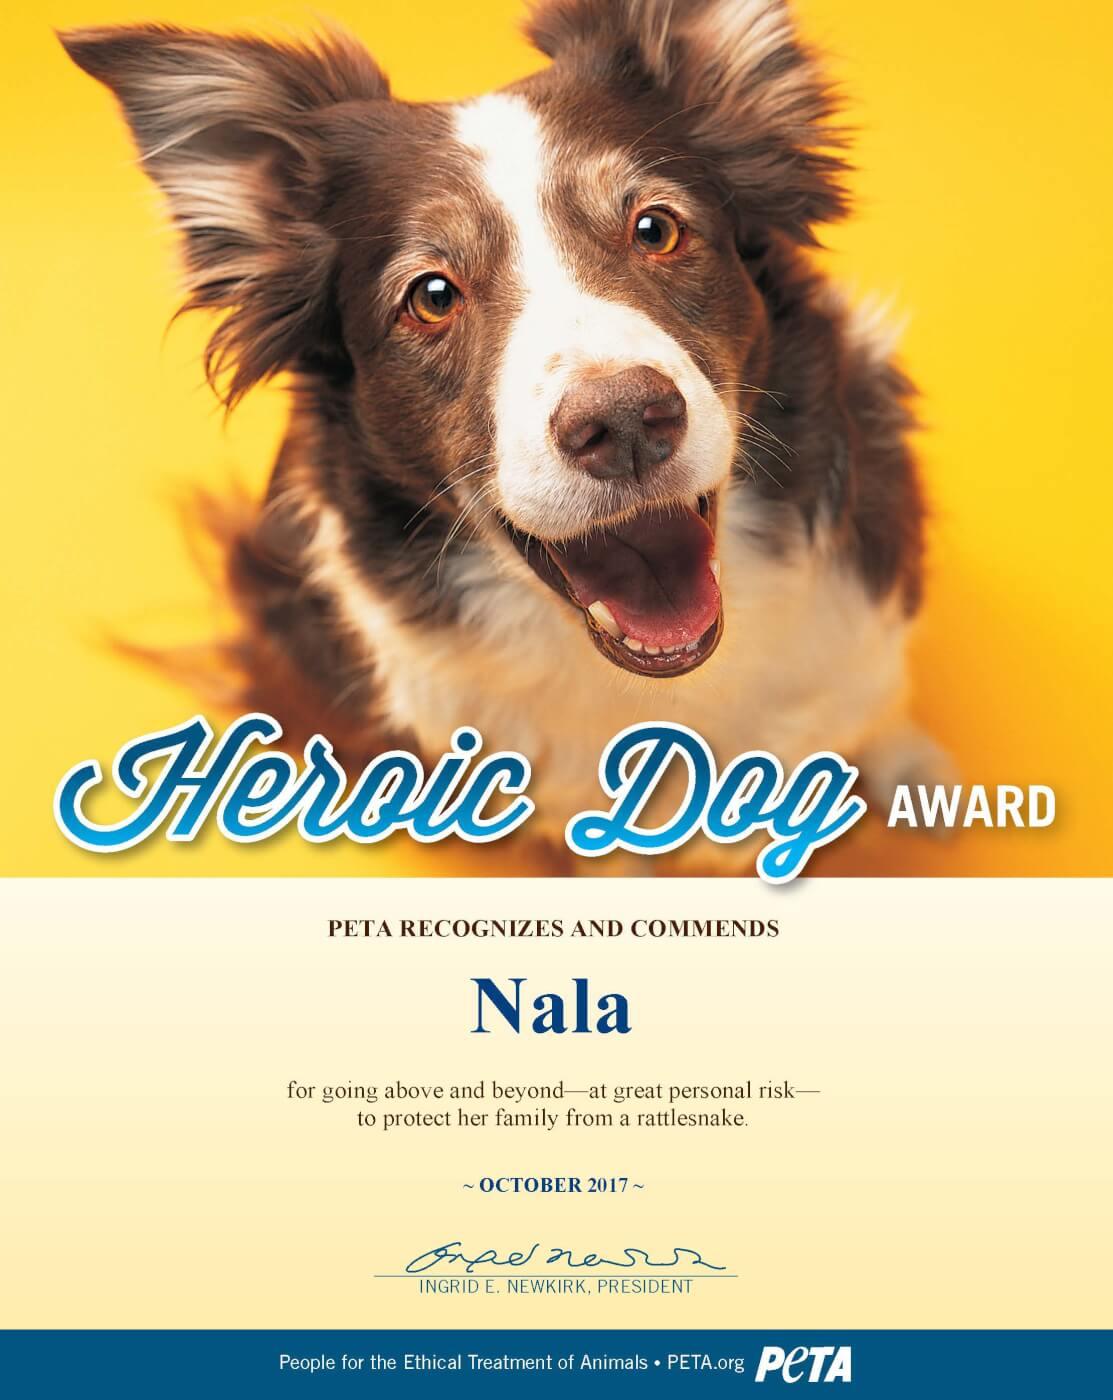 Heroic Dog Nets PETA Award for Saving 10-Year-Old Boy From Rattlesnake | PETA